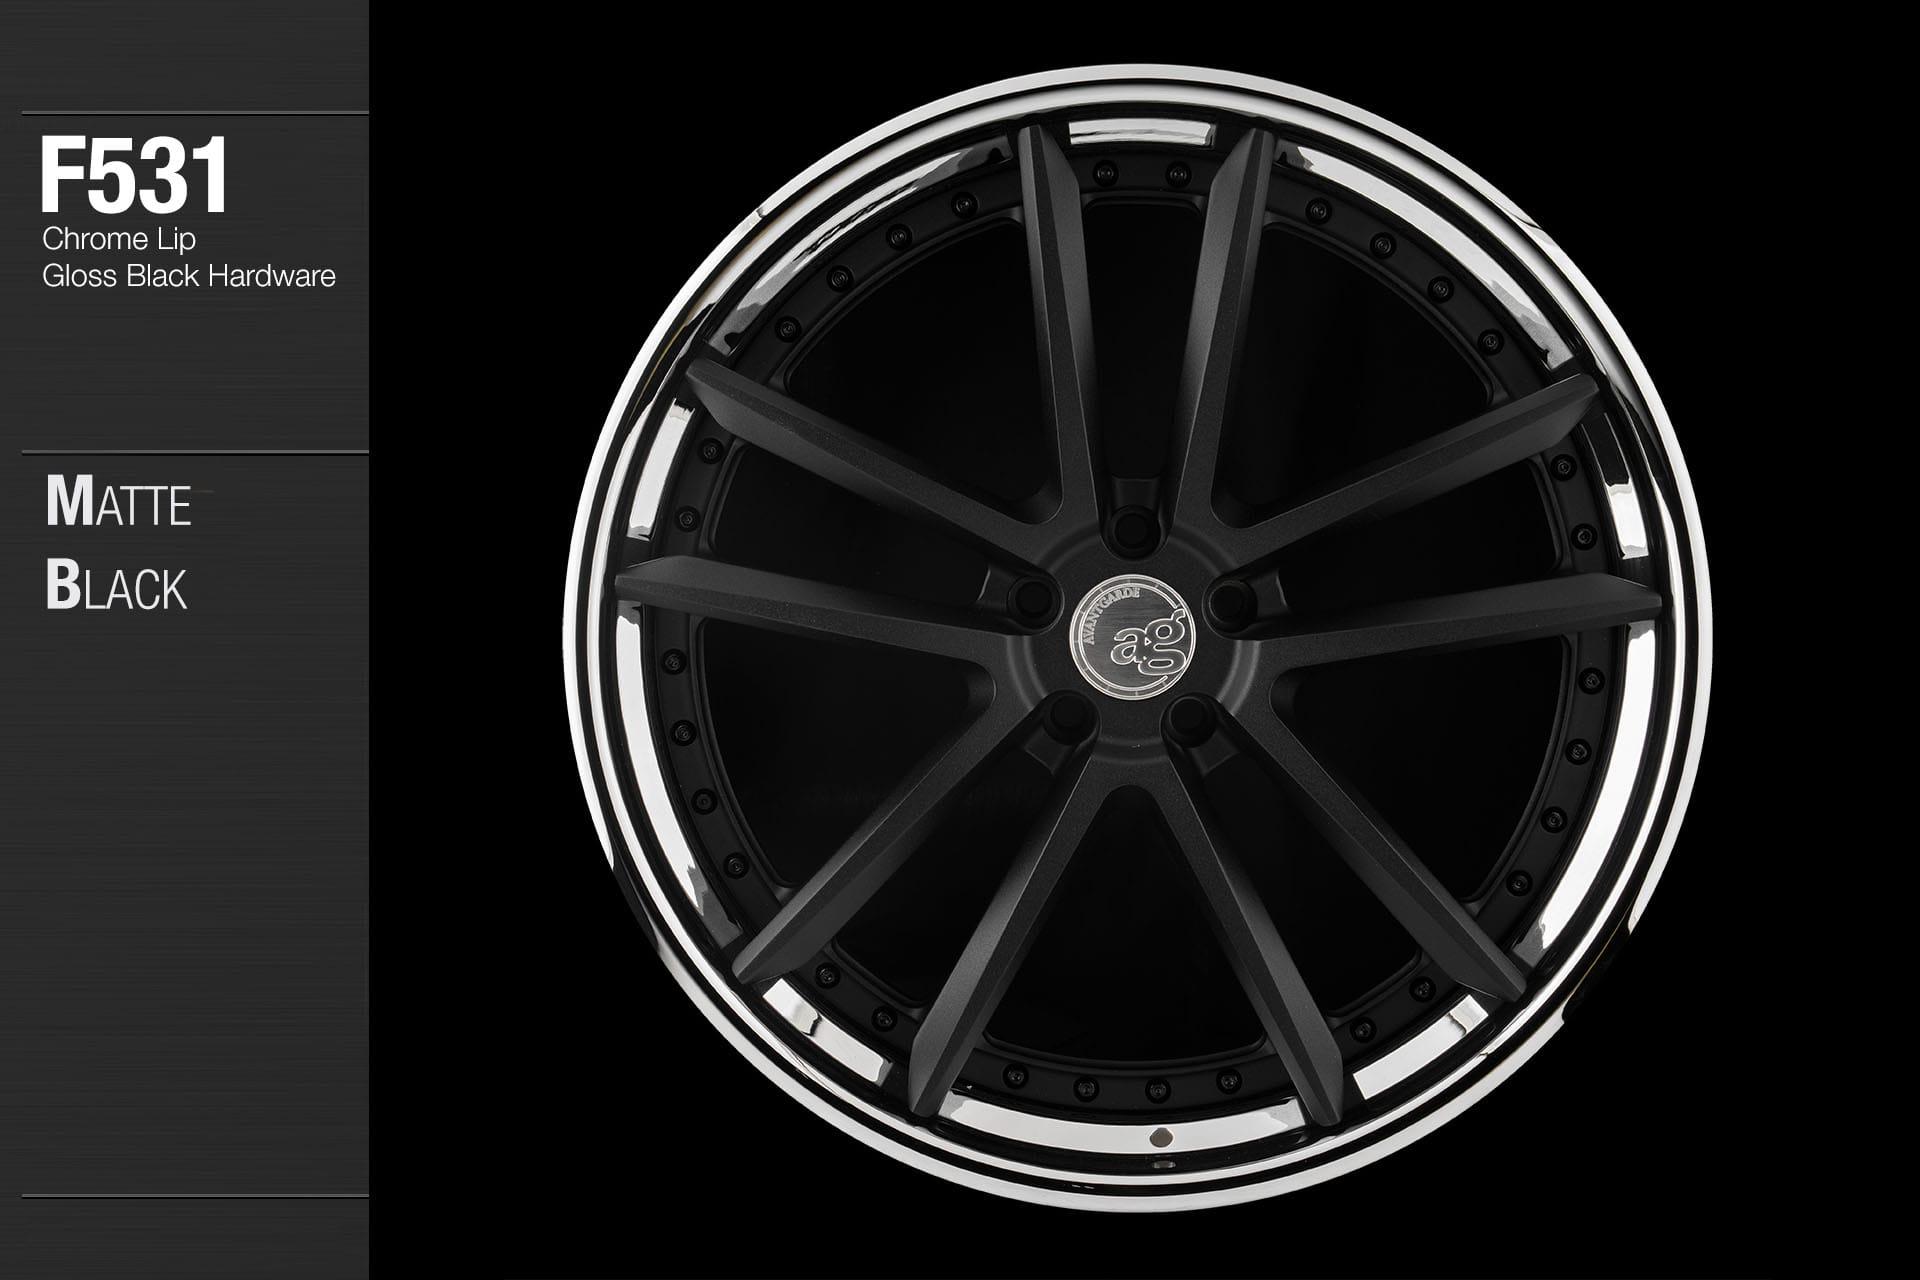 avant-garde-ag-wheels-f531-matte-black-face-chrome-lip-gloss-black-hardware-1-min